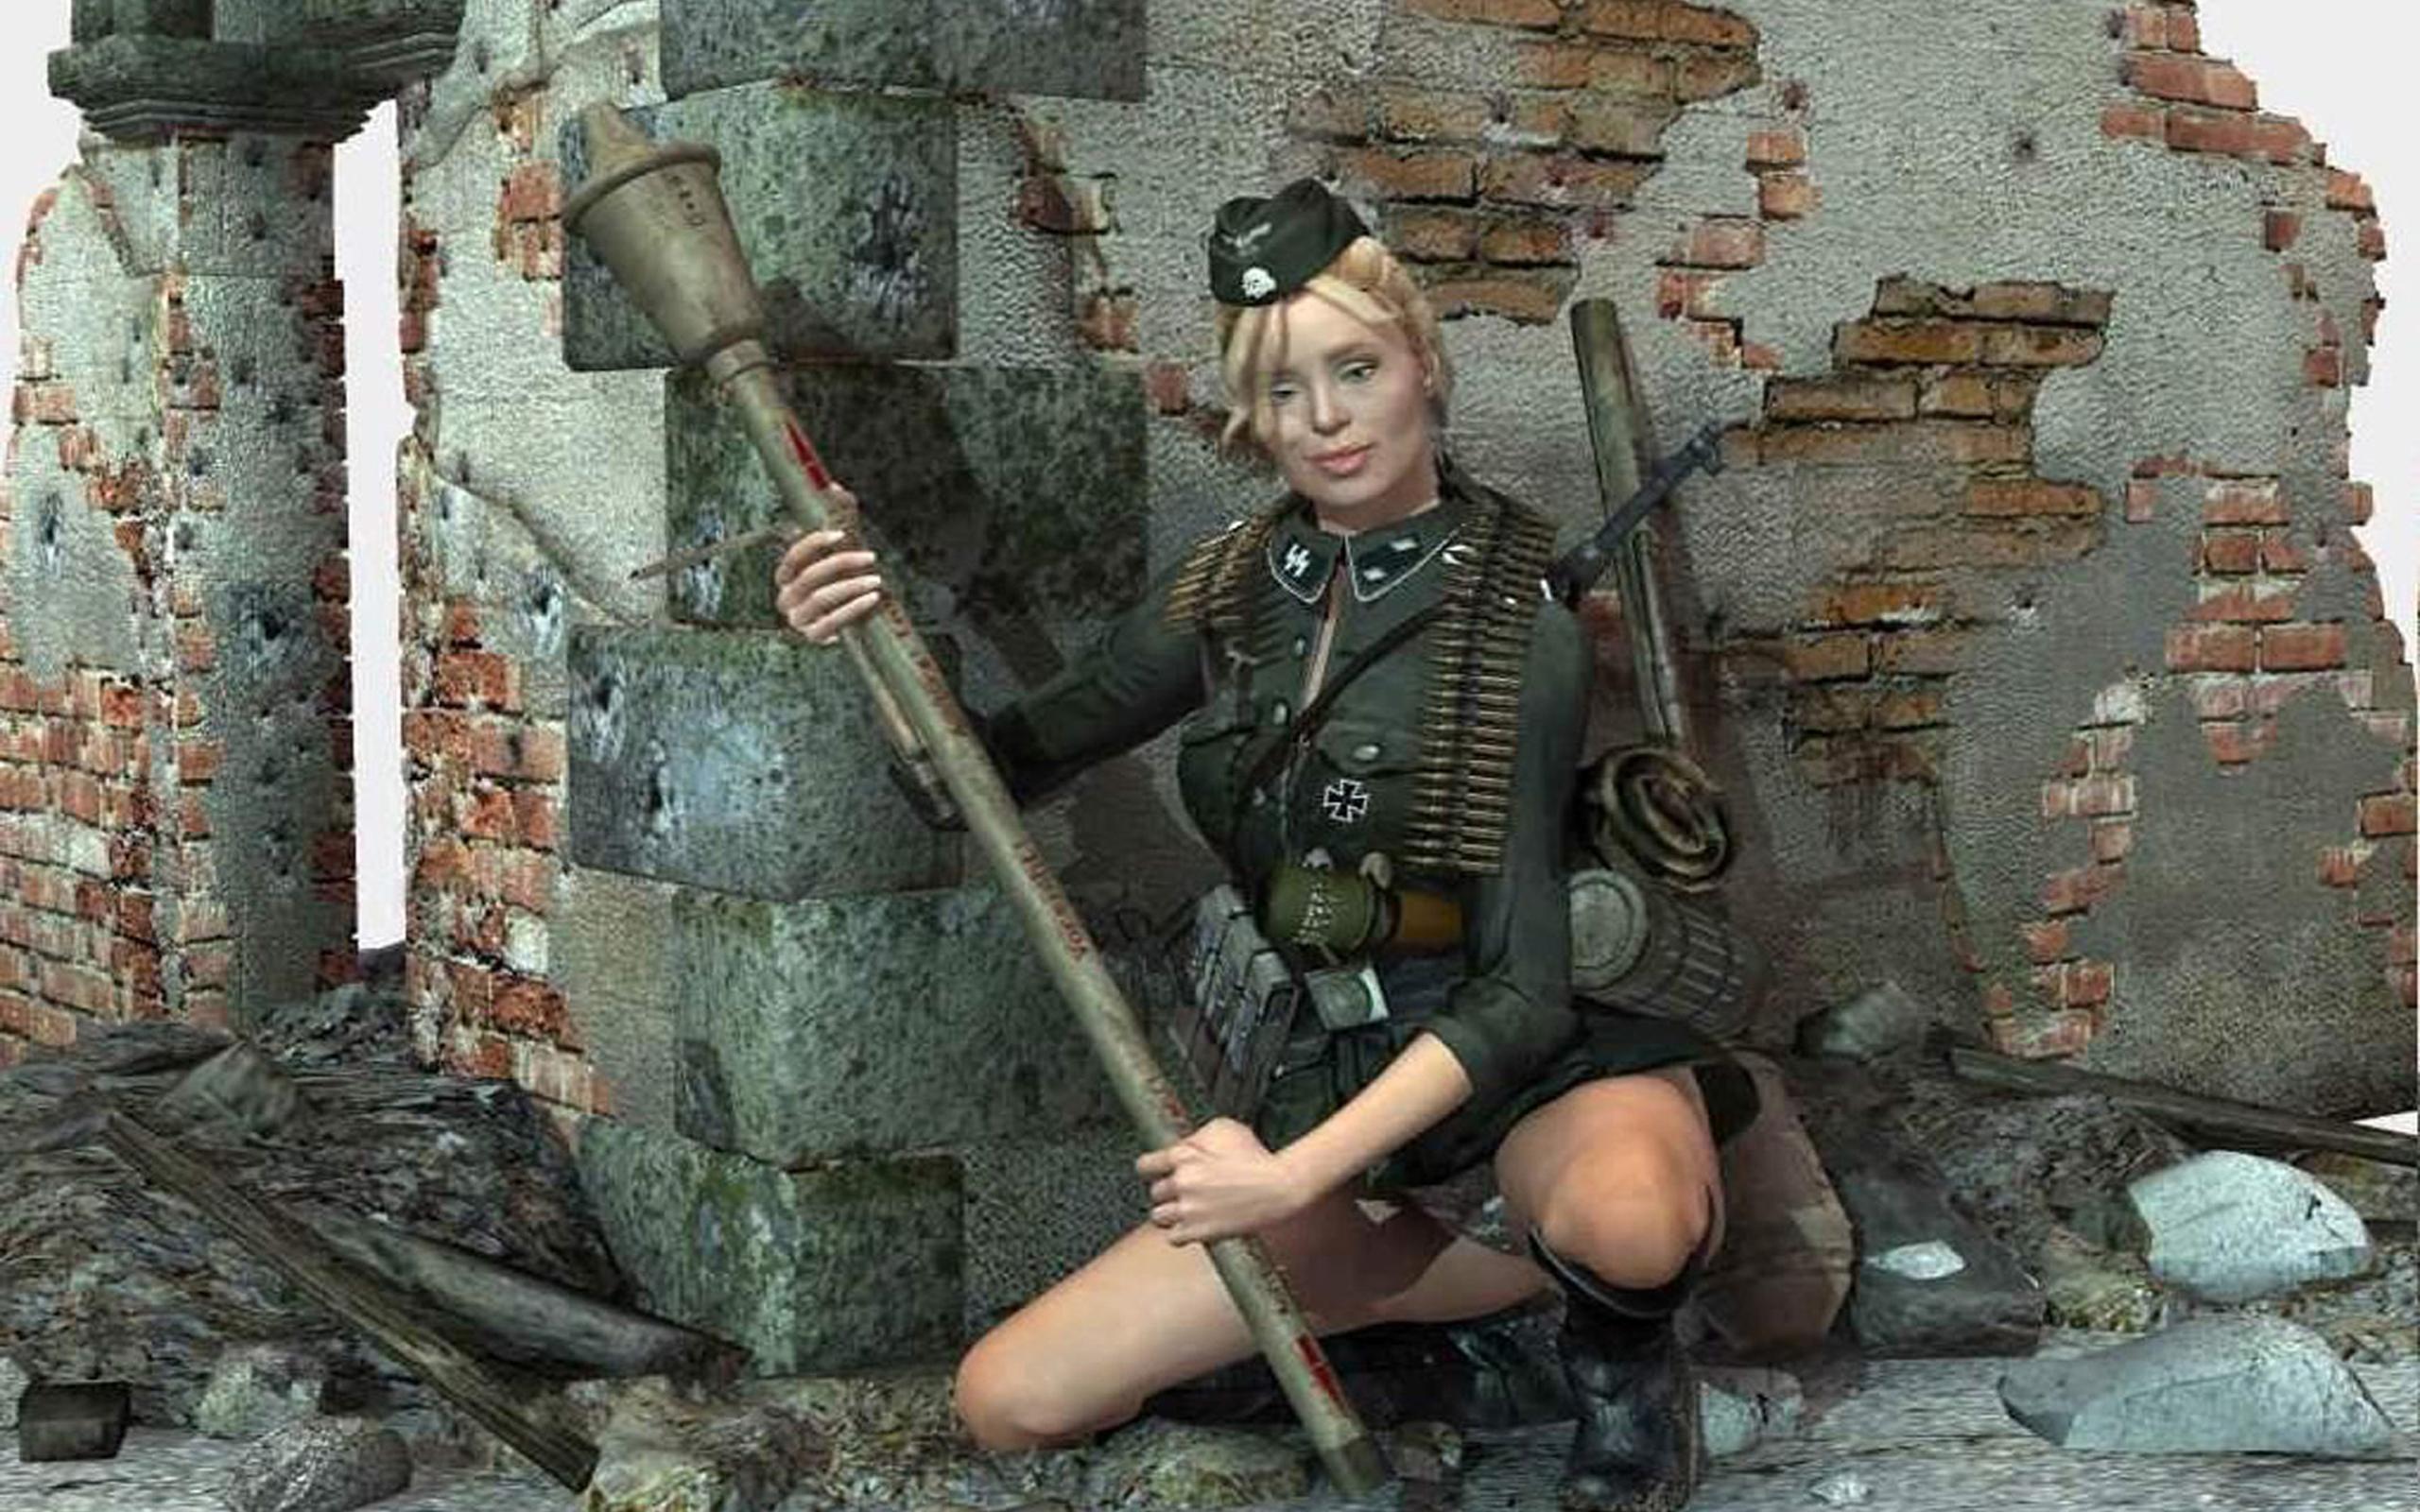 Эротика офицеры девчонки солдаты 18 фотография